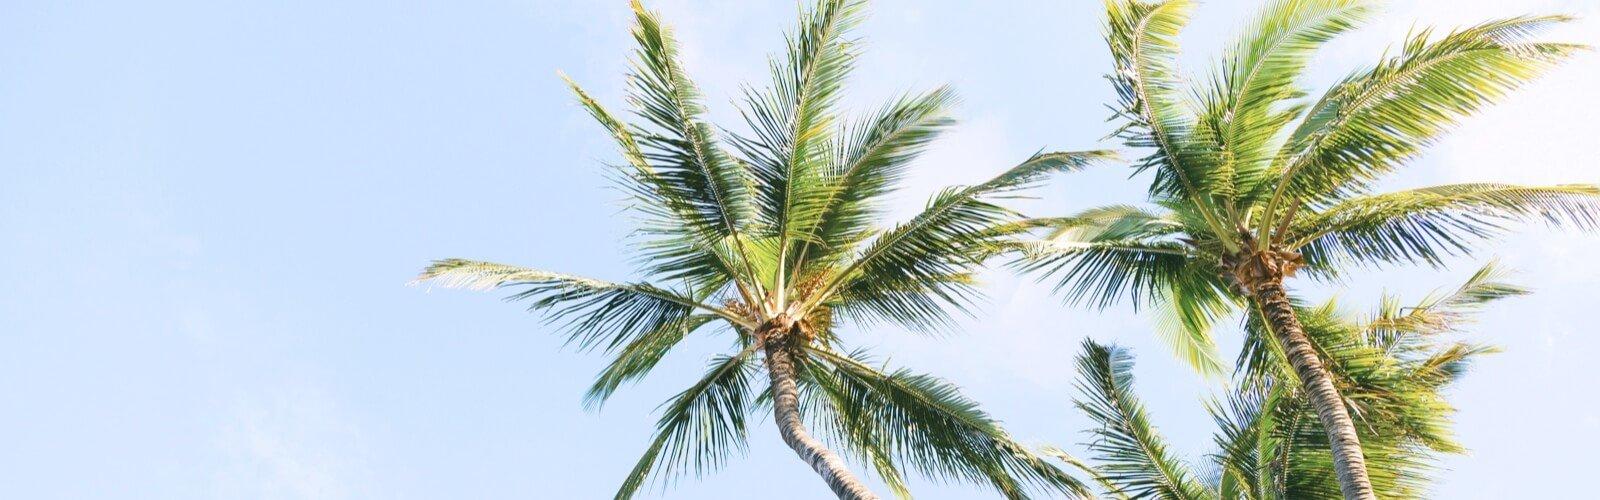 Bright Coconut